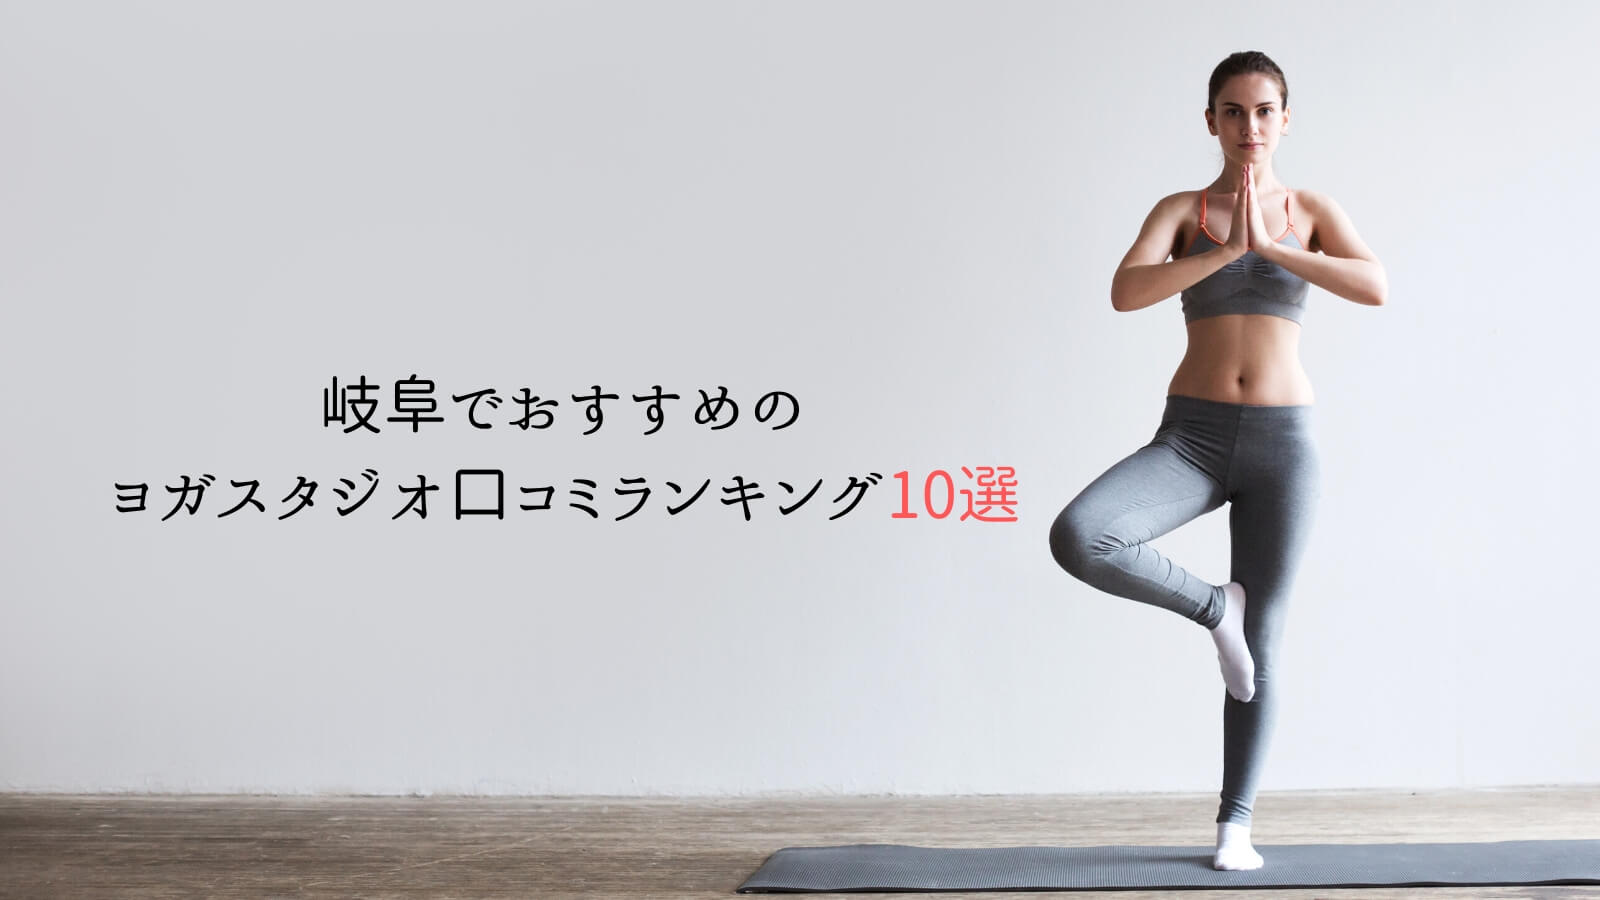 岐阜でおすすめのヨガスタジオ口コミランキング10選